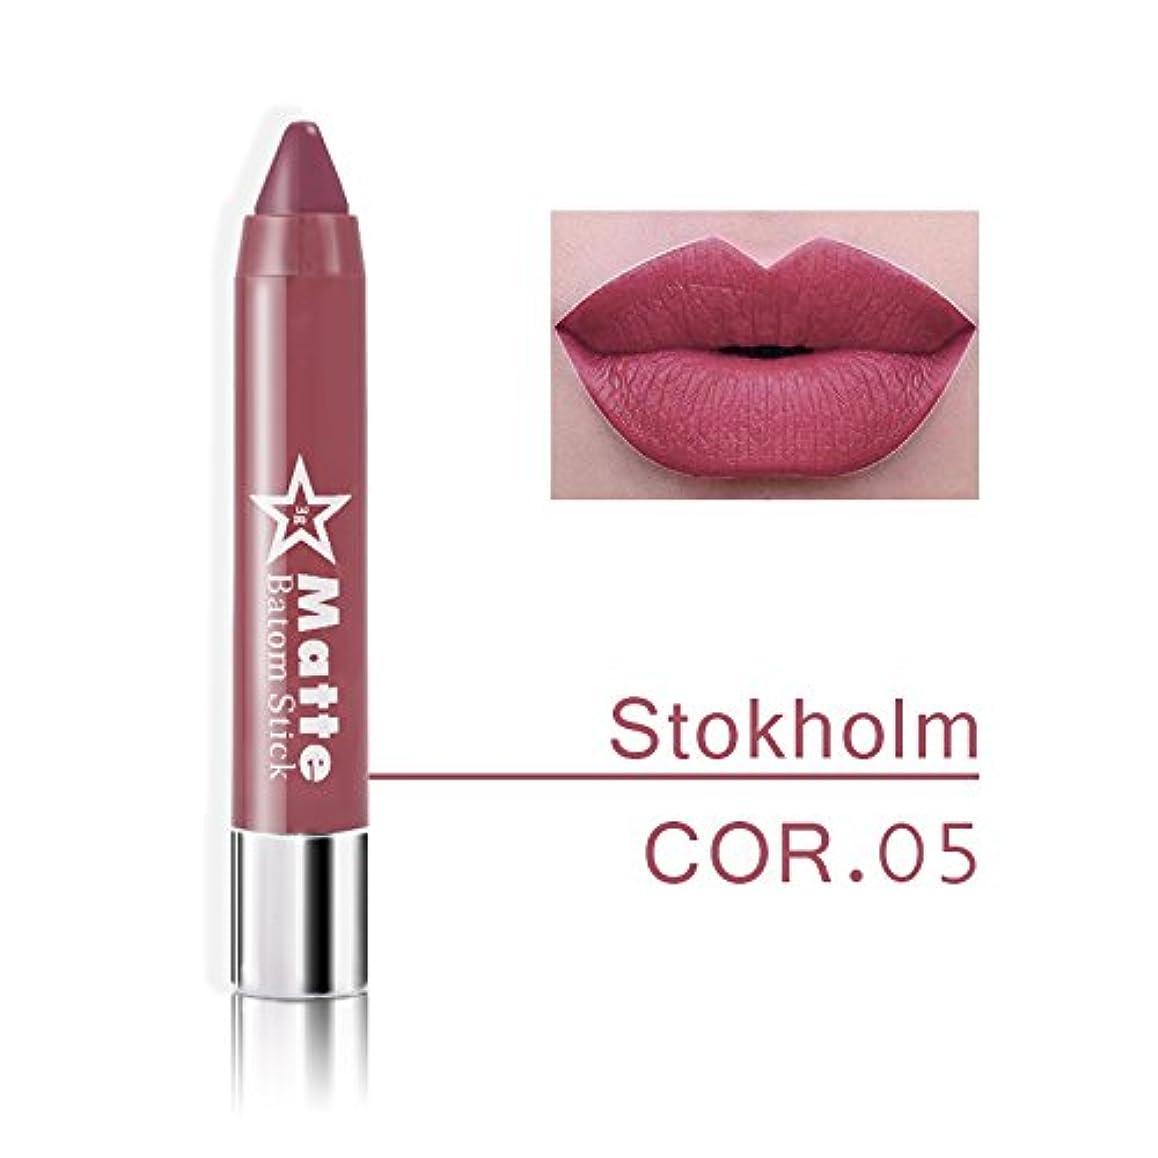 自分の力ですべてをするドット殺すMiss Rose Brand lips Matte Moisturizing Lipstick Makeup Lipsticks Waterproof matte Lip gloss Mate Lipsticks Make up